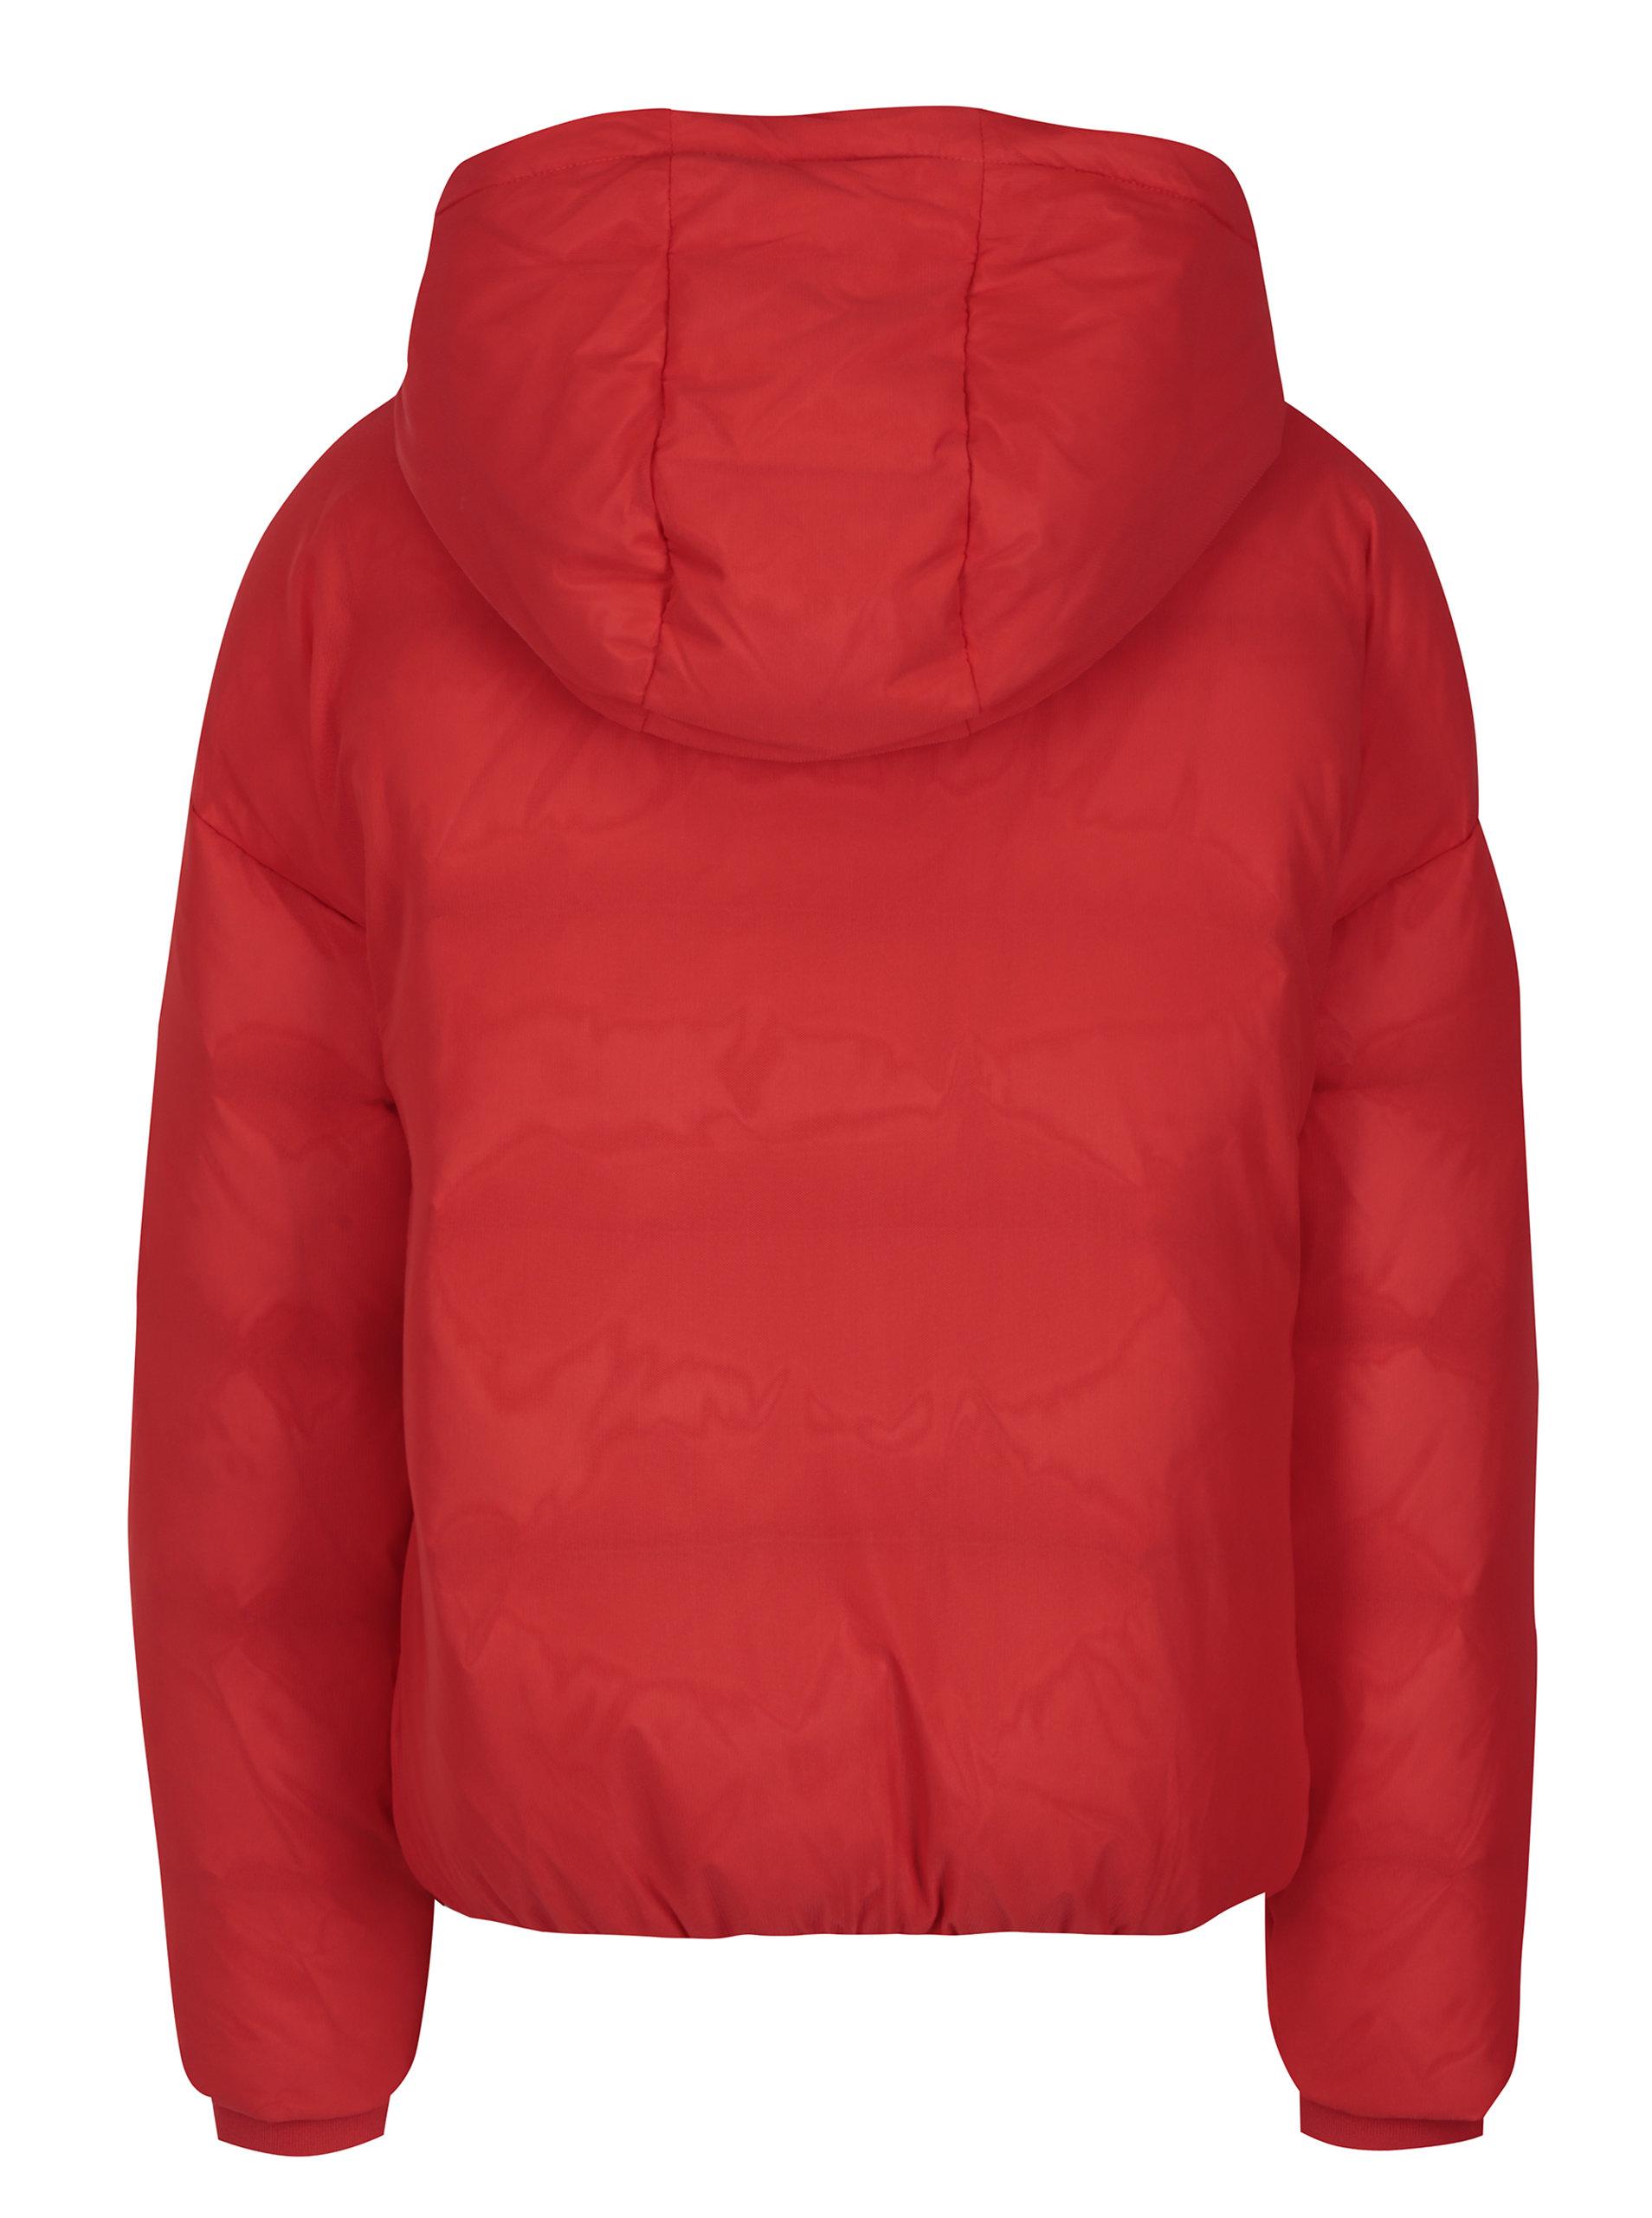 2991b55a25 Červená dámská zimní péřová bunda Calvin Klein Jeans Ocoon ...